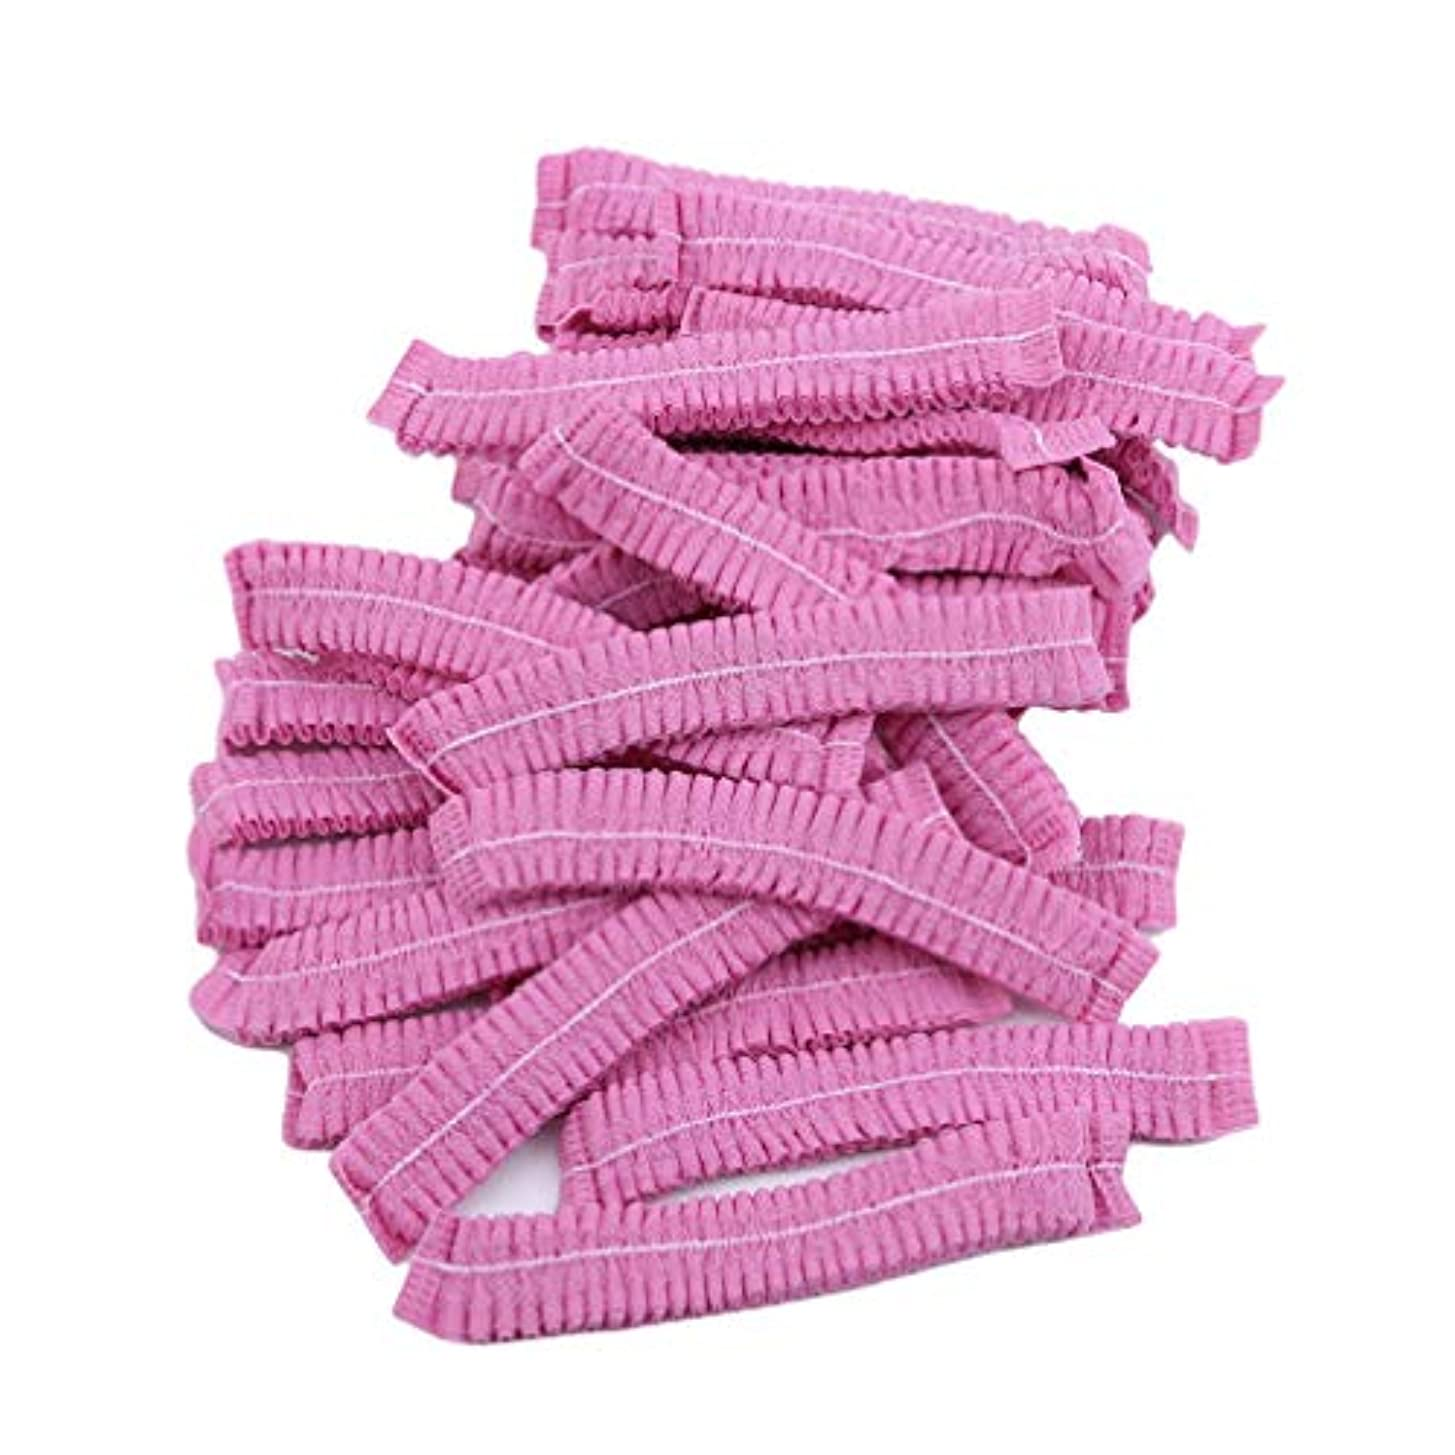 取るに足らないどうやって永久LJSLYJ 100ピースマイクロブレードパーマネントメイクアップ使い捨てヘアネットキャップ滅菌帽子眉毛スタイリングツールアクセサリー、ピンク